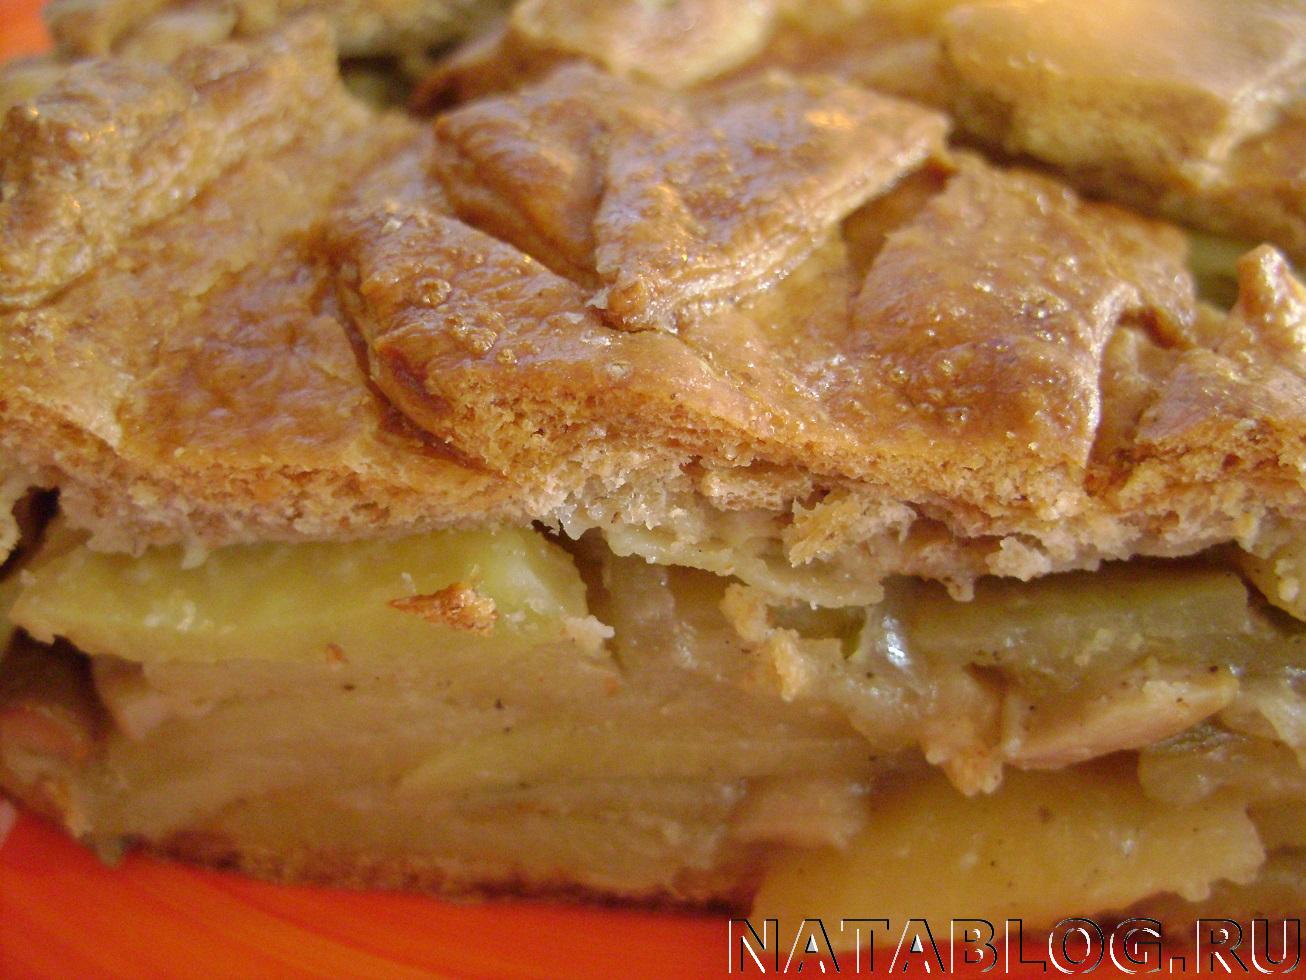 Рецепт пирога с мясом и грибами пошагово